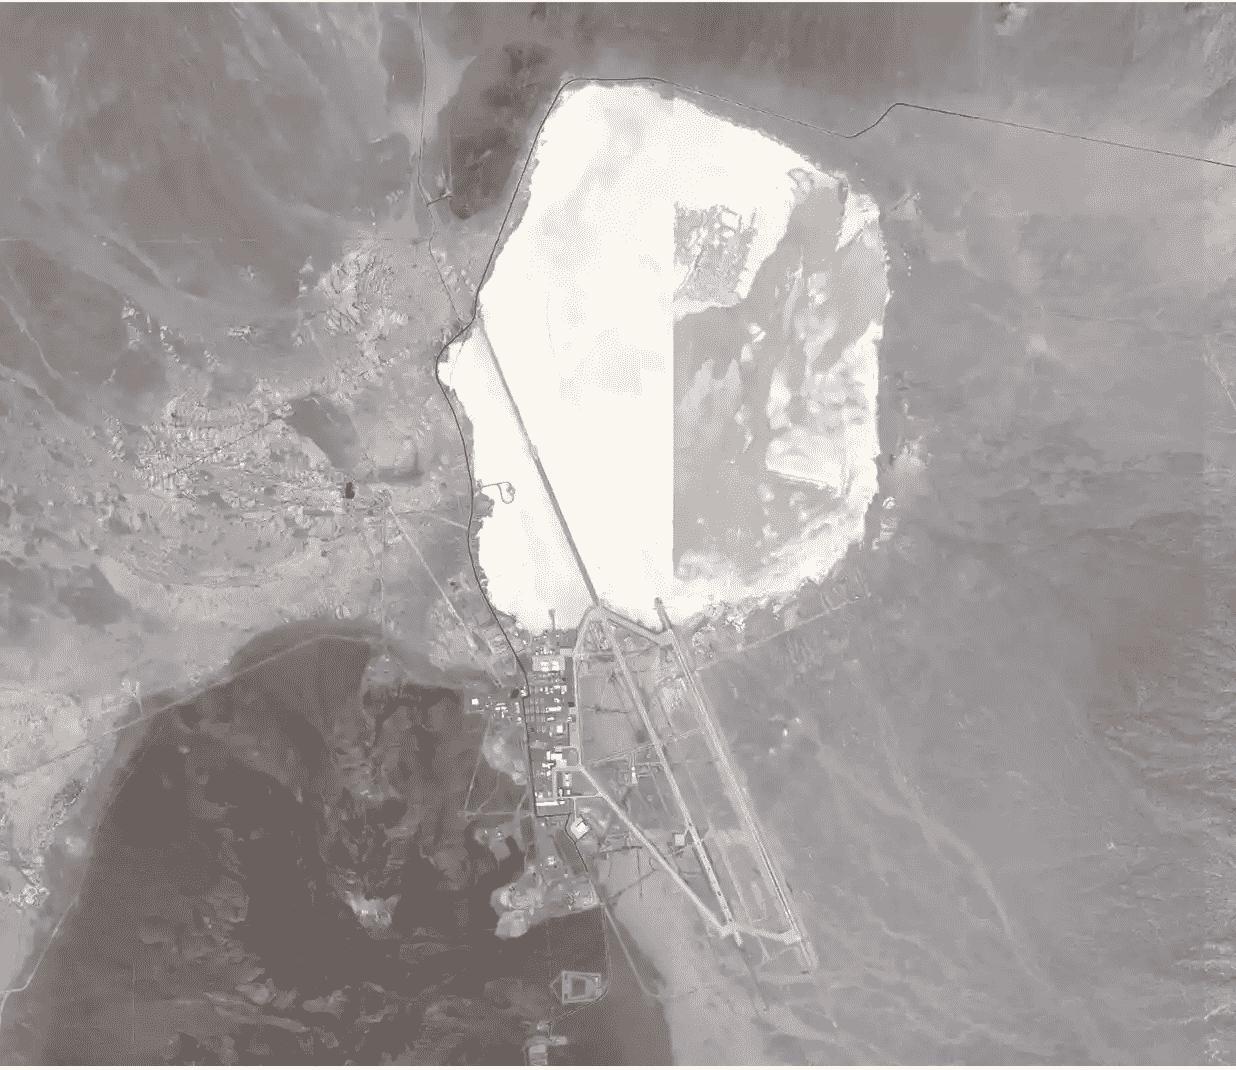 Area 51 on Strava Heatmap